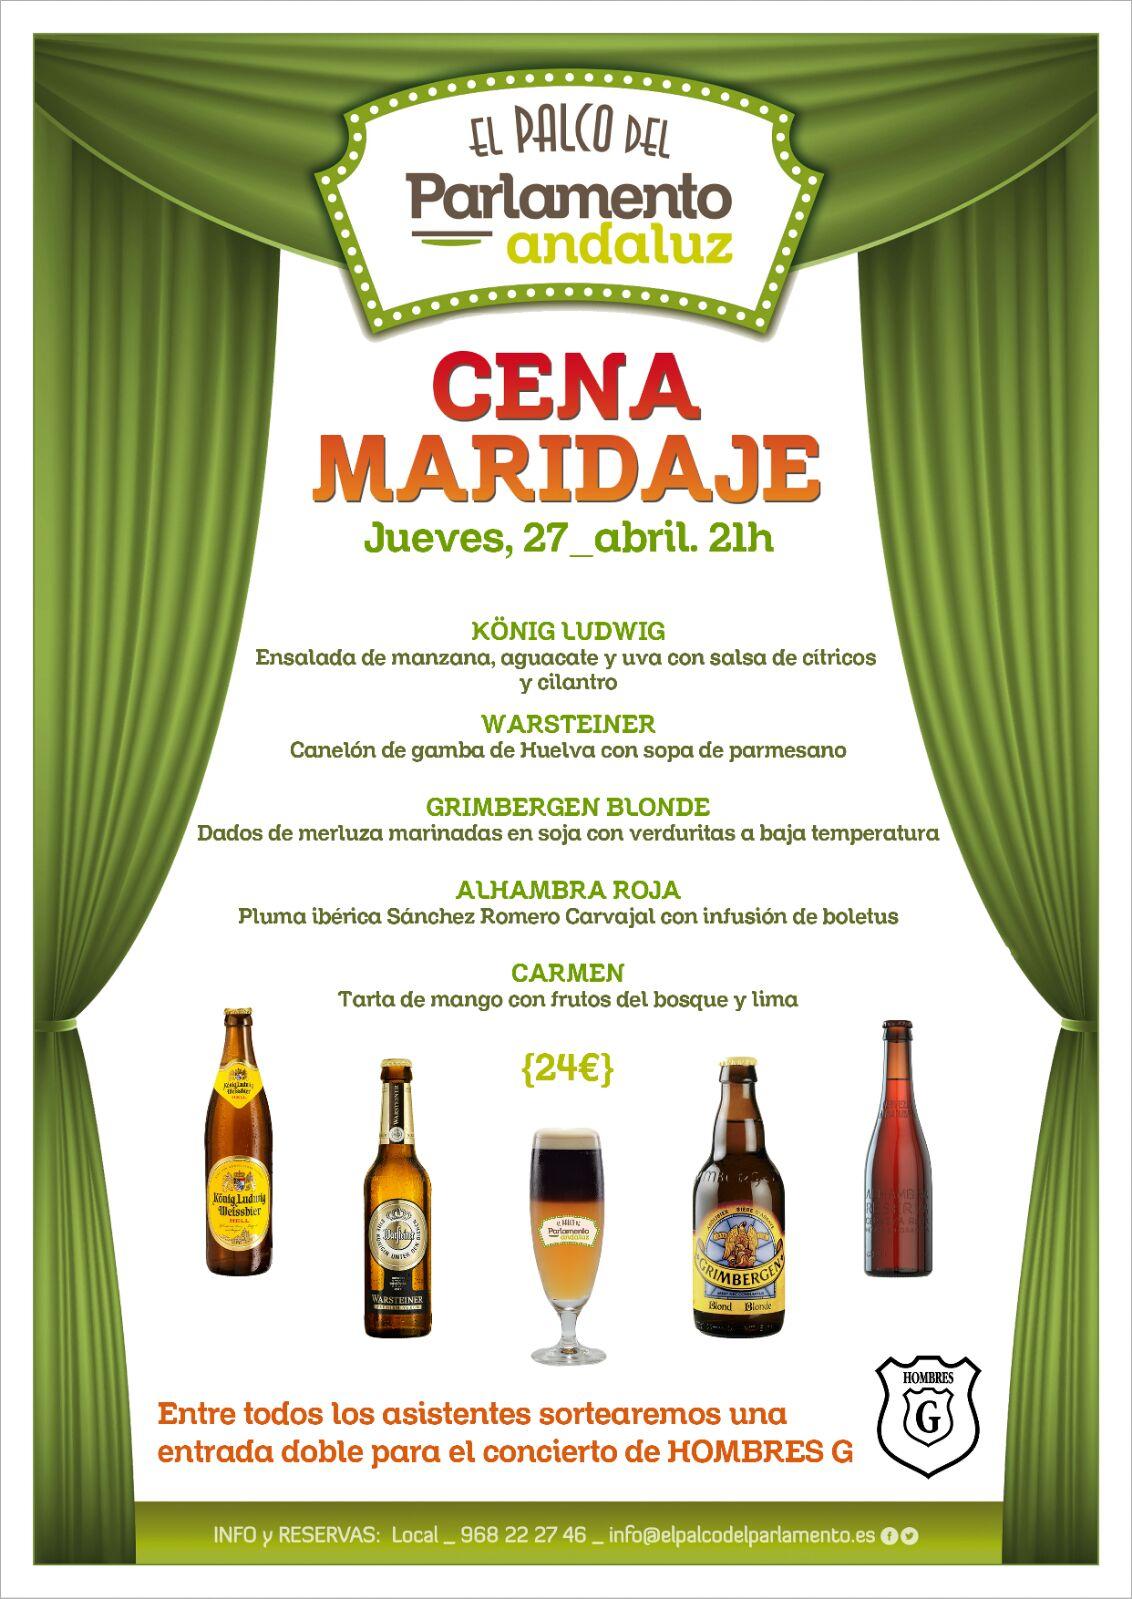 Cena maridaje de cervezas en El Palco del Parlamento Andaluz